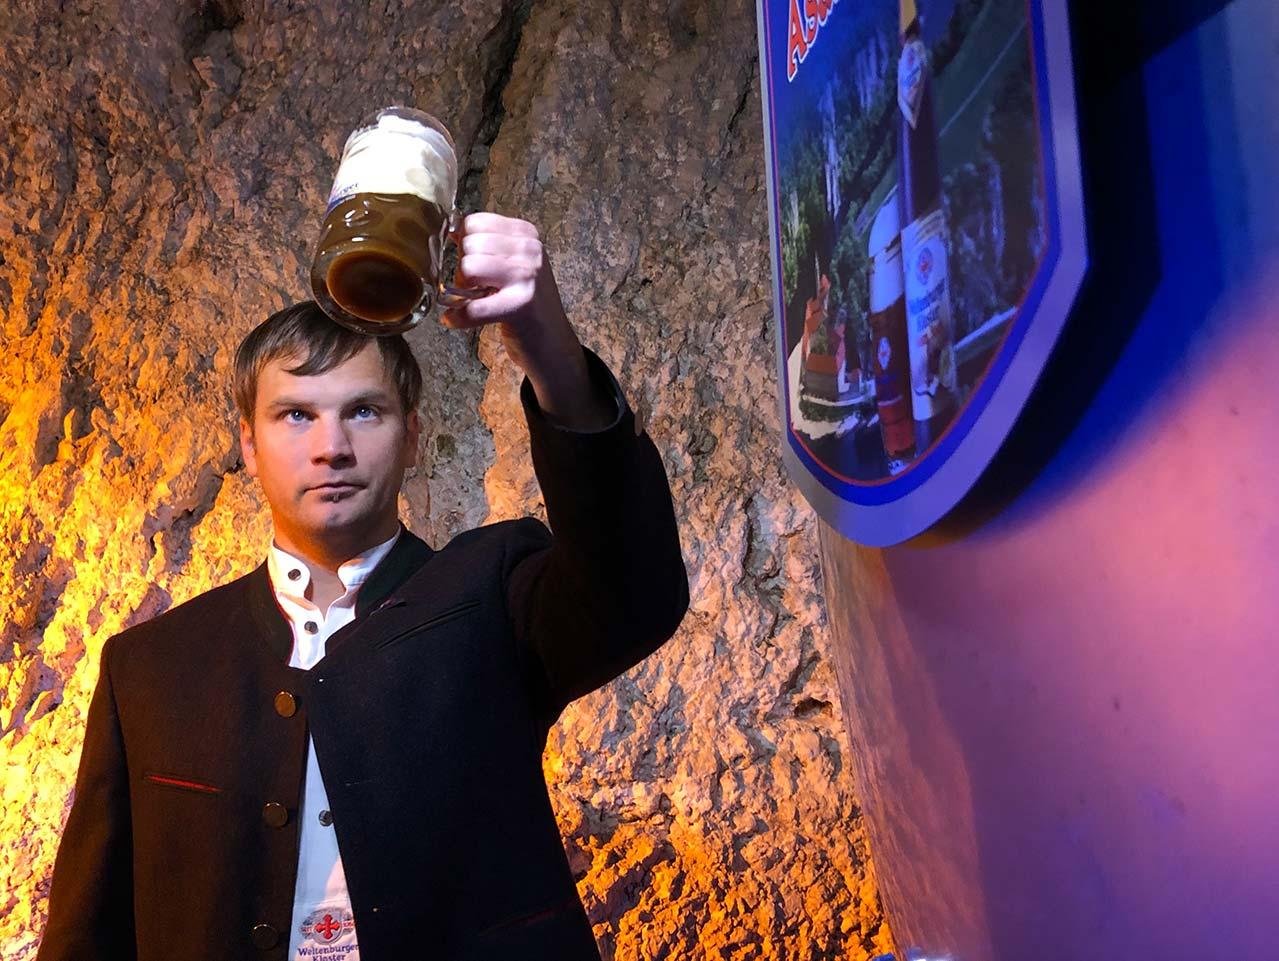 Klosterbrauerei-Weltenburg-European-Beer-Star-Braumeister-Ludwig-Mederer